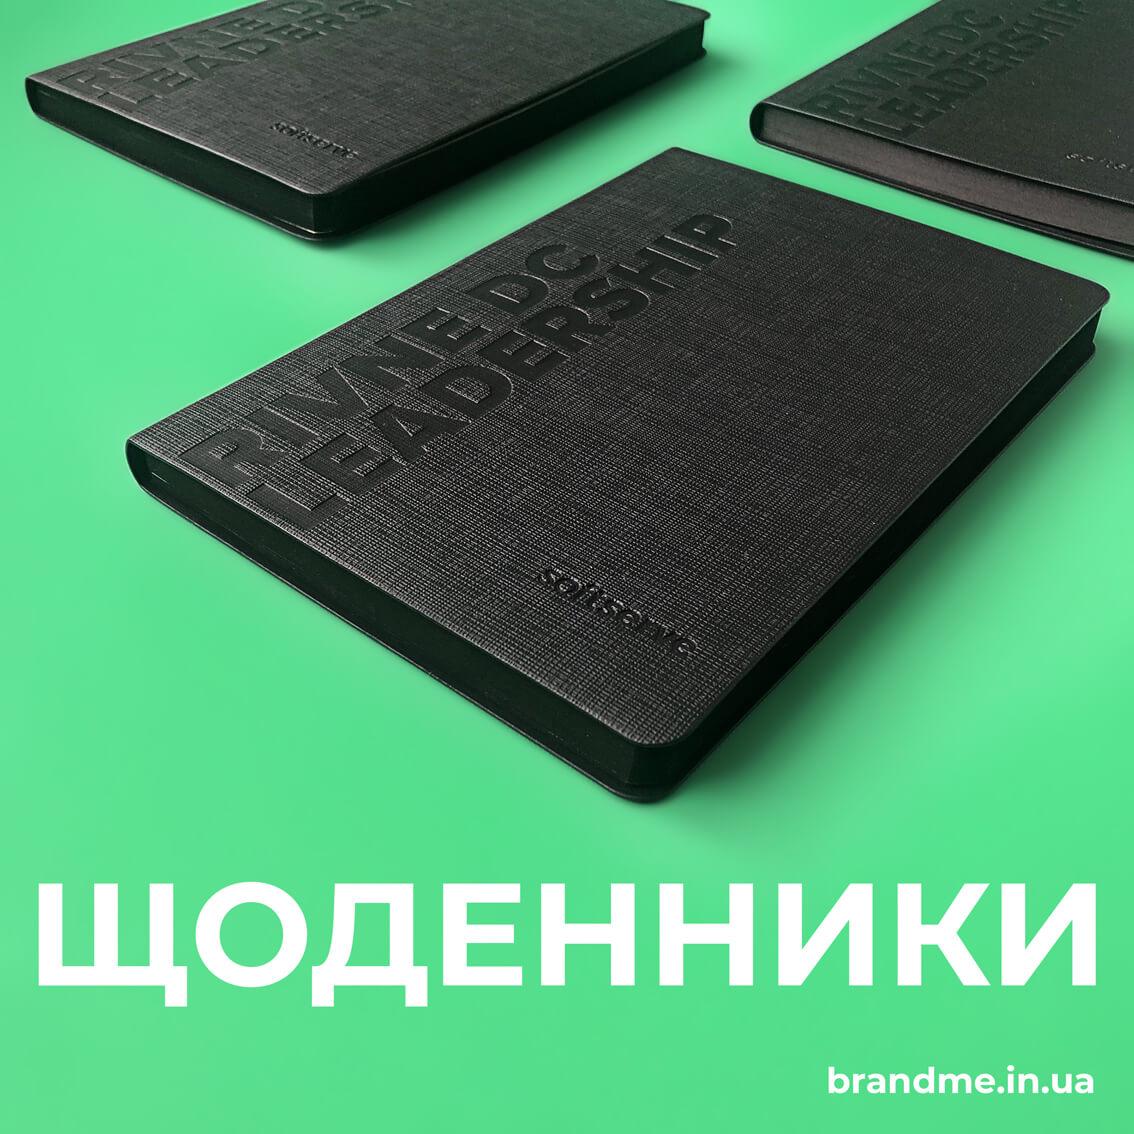 """Щоденники у стилі TOTAL BLACK для компанії """"SoftServe"""""""